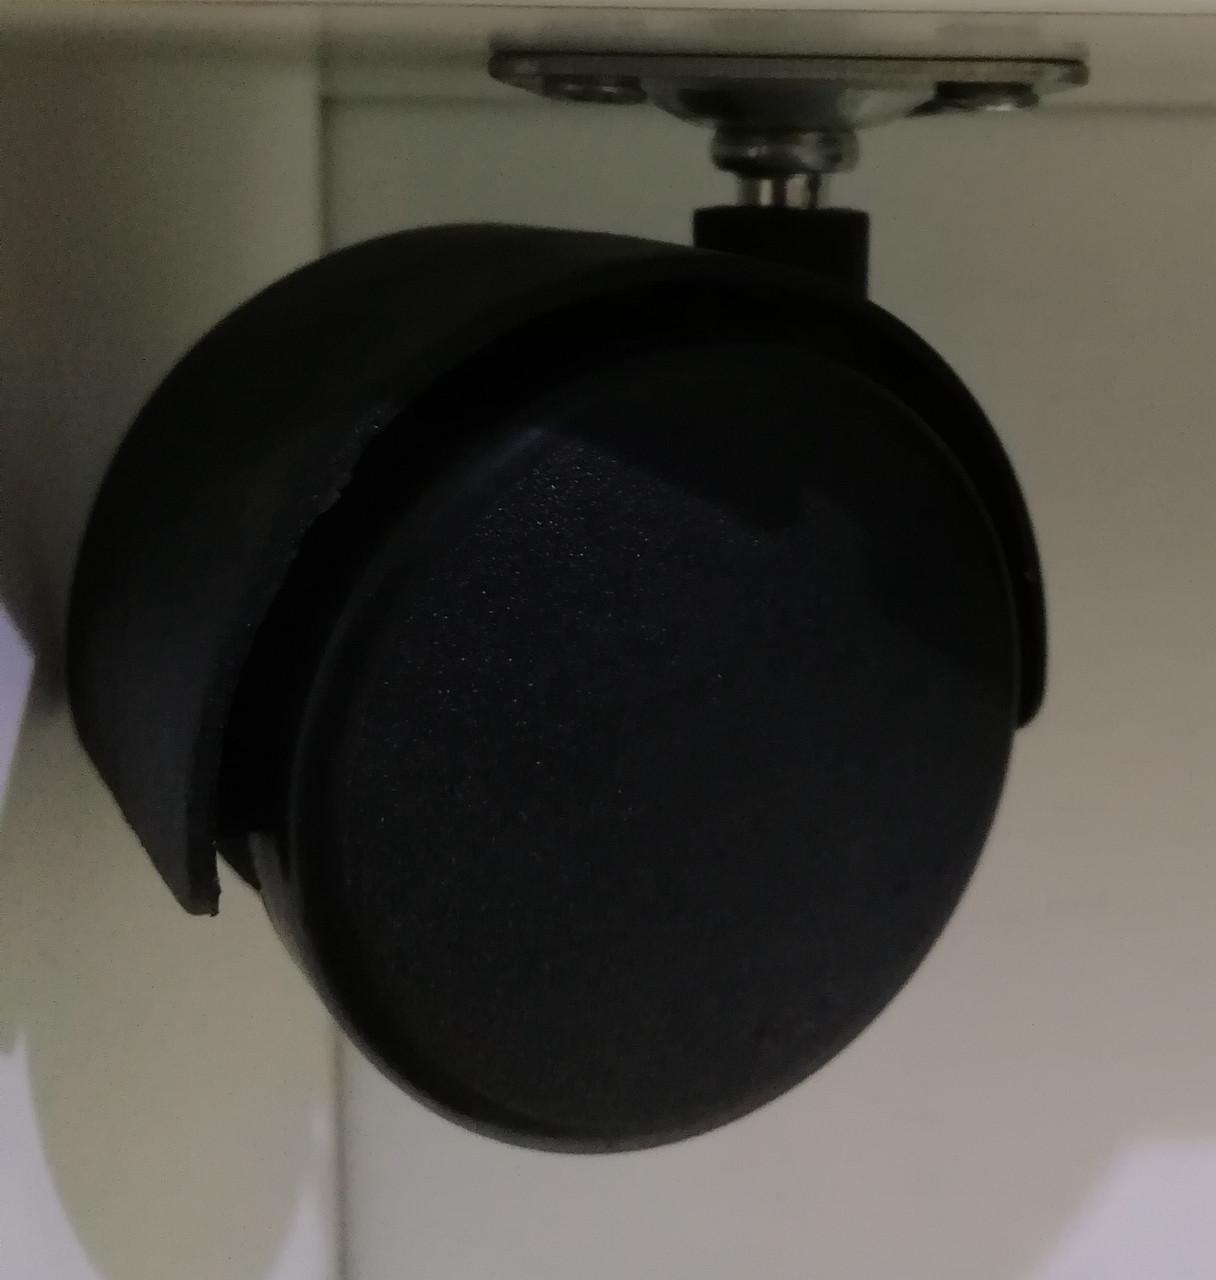 Меблевий ролик з майданчиком GIFF MOBILI D=40/50 ЧОРНИЙ